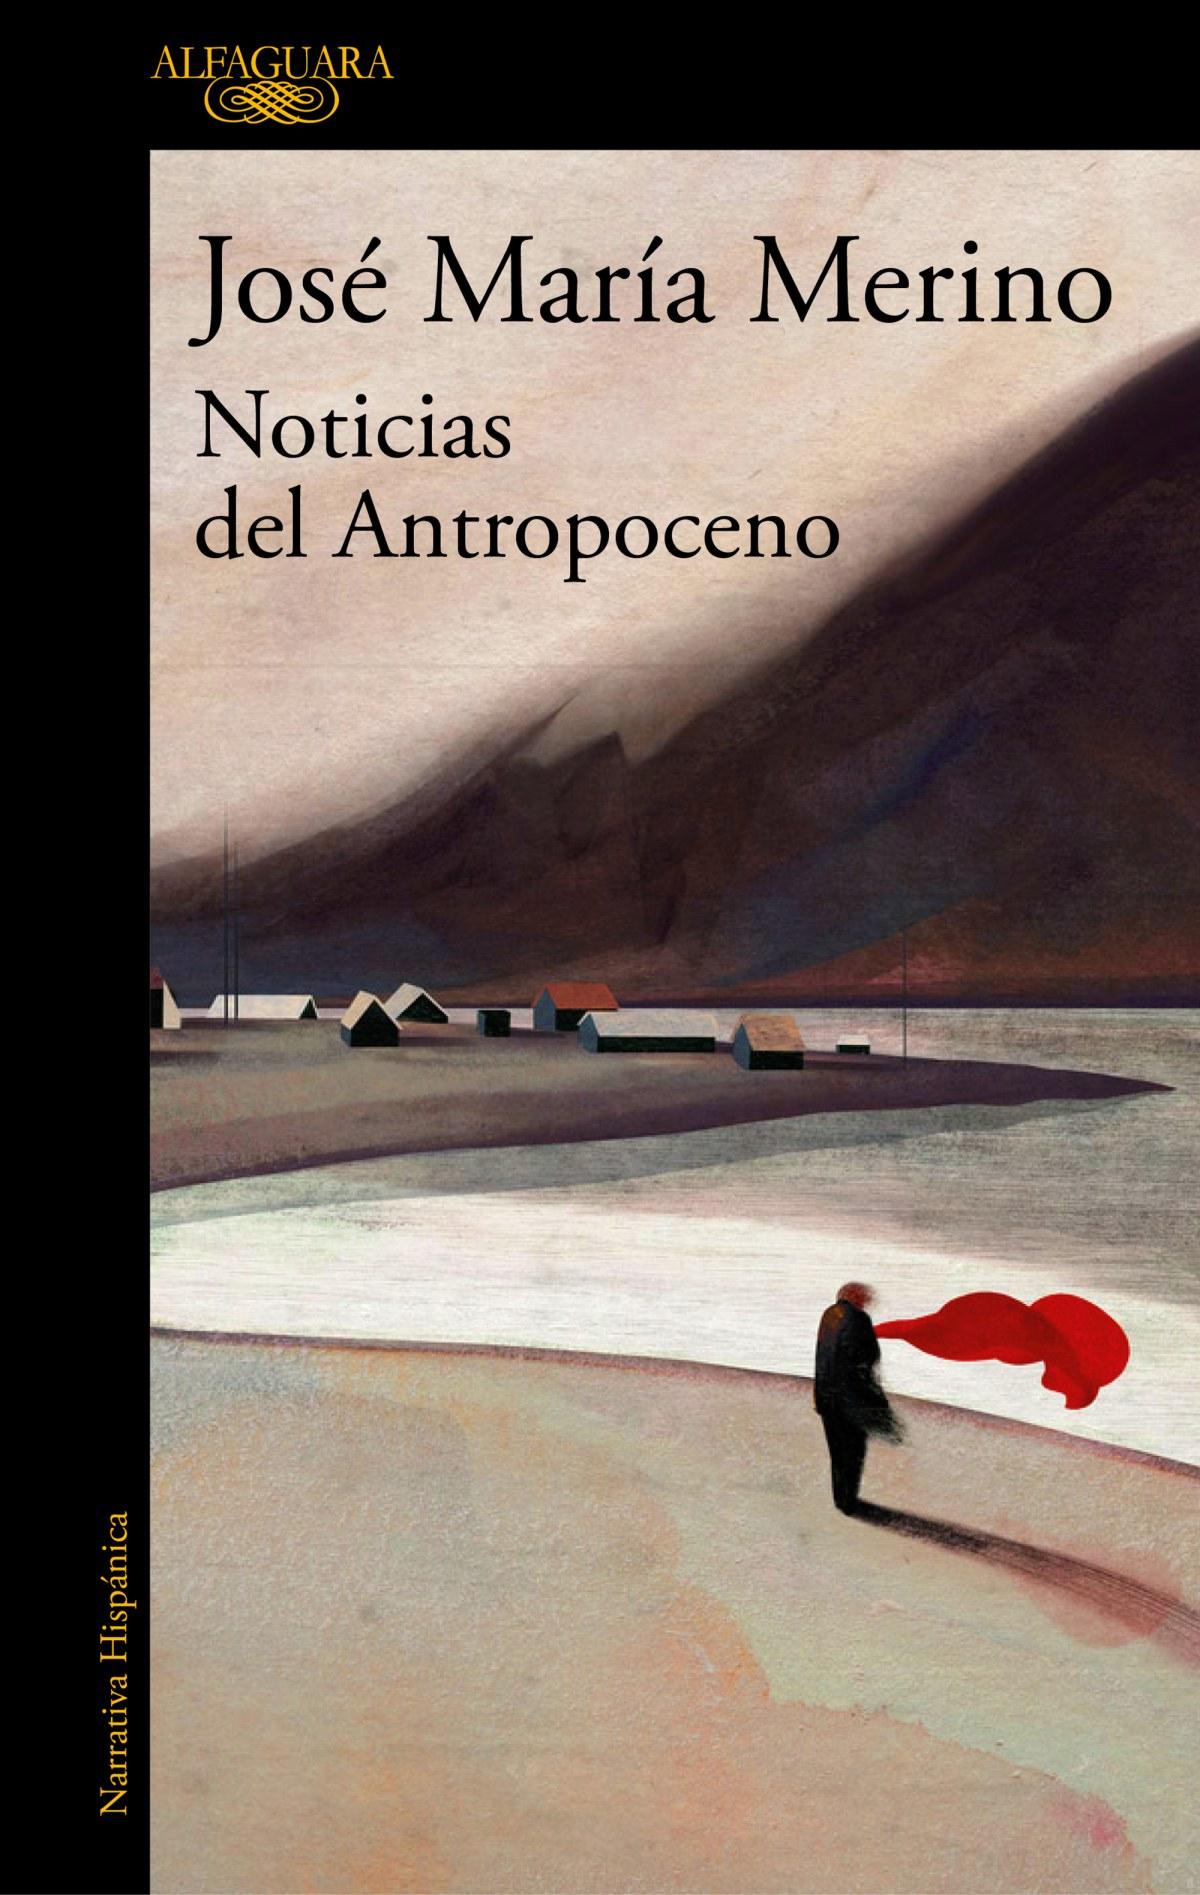 Portada del libro Noticias del Antropoceno, del académico José María Merino